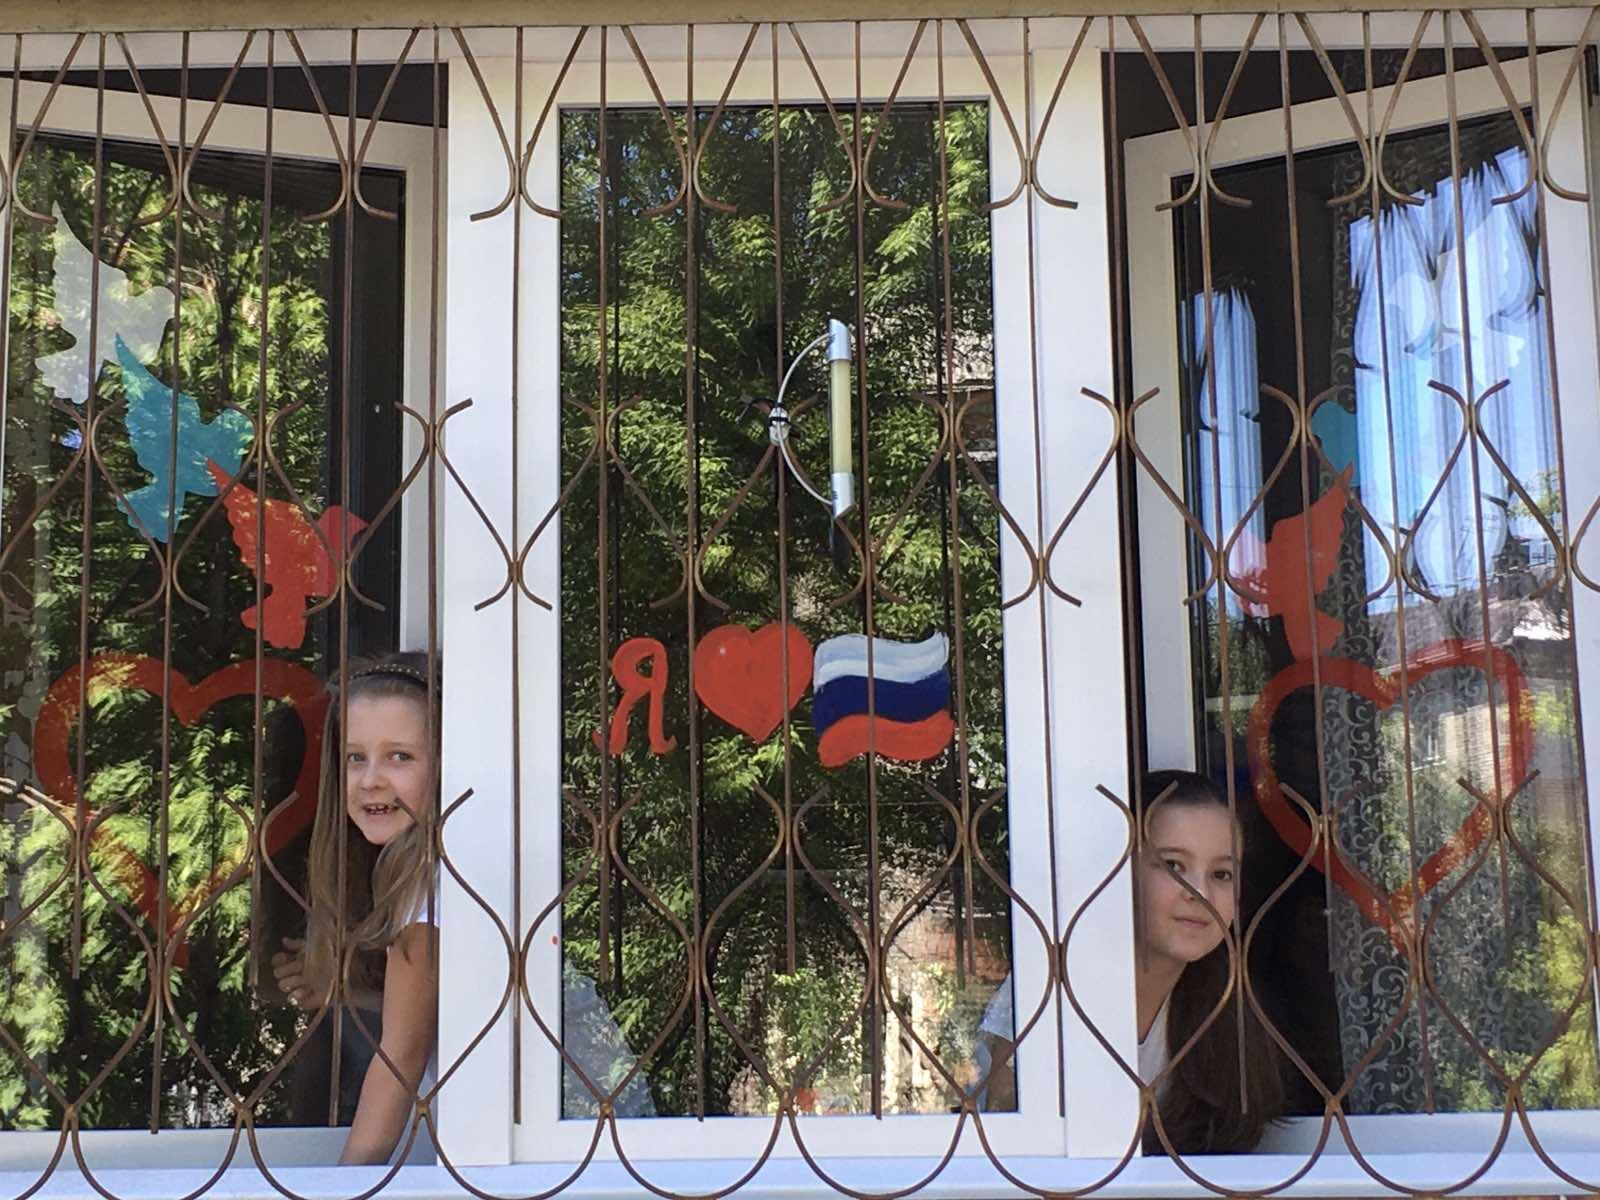 C:\Users\Пользователь\Desktop\Окна России\Урумян Дарья и Алена\изображение_viber_2020-06-08_12-17-59.jpg